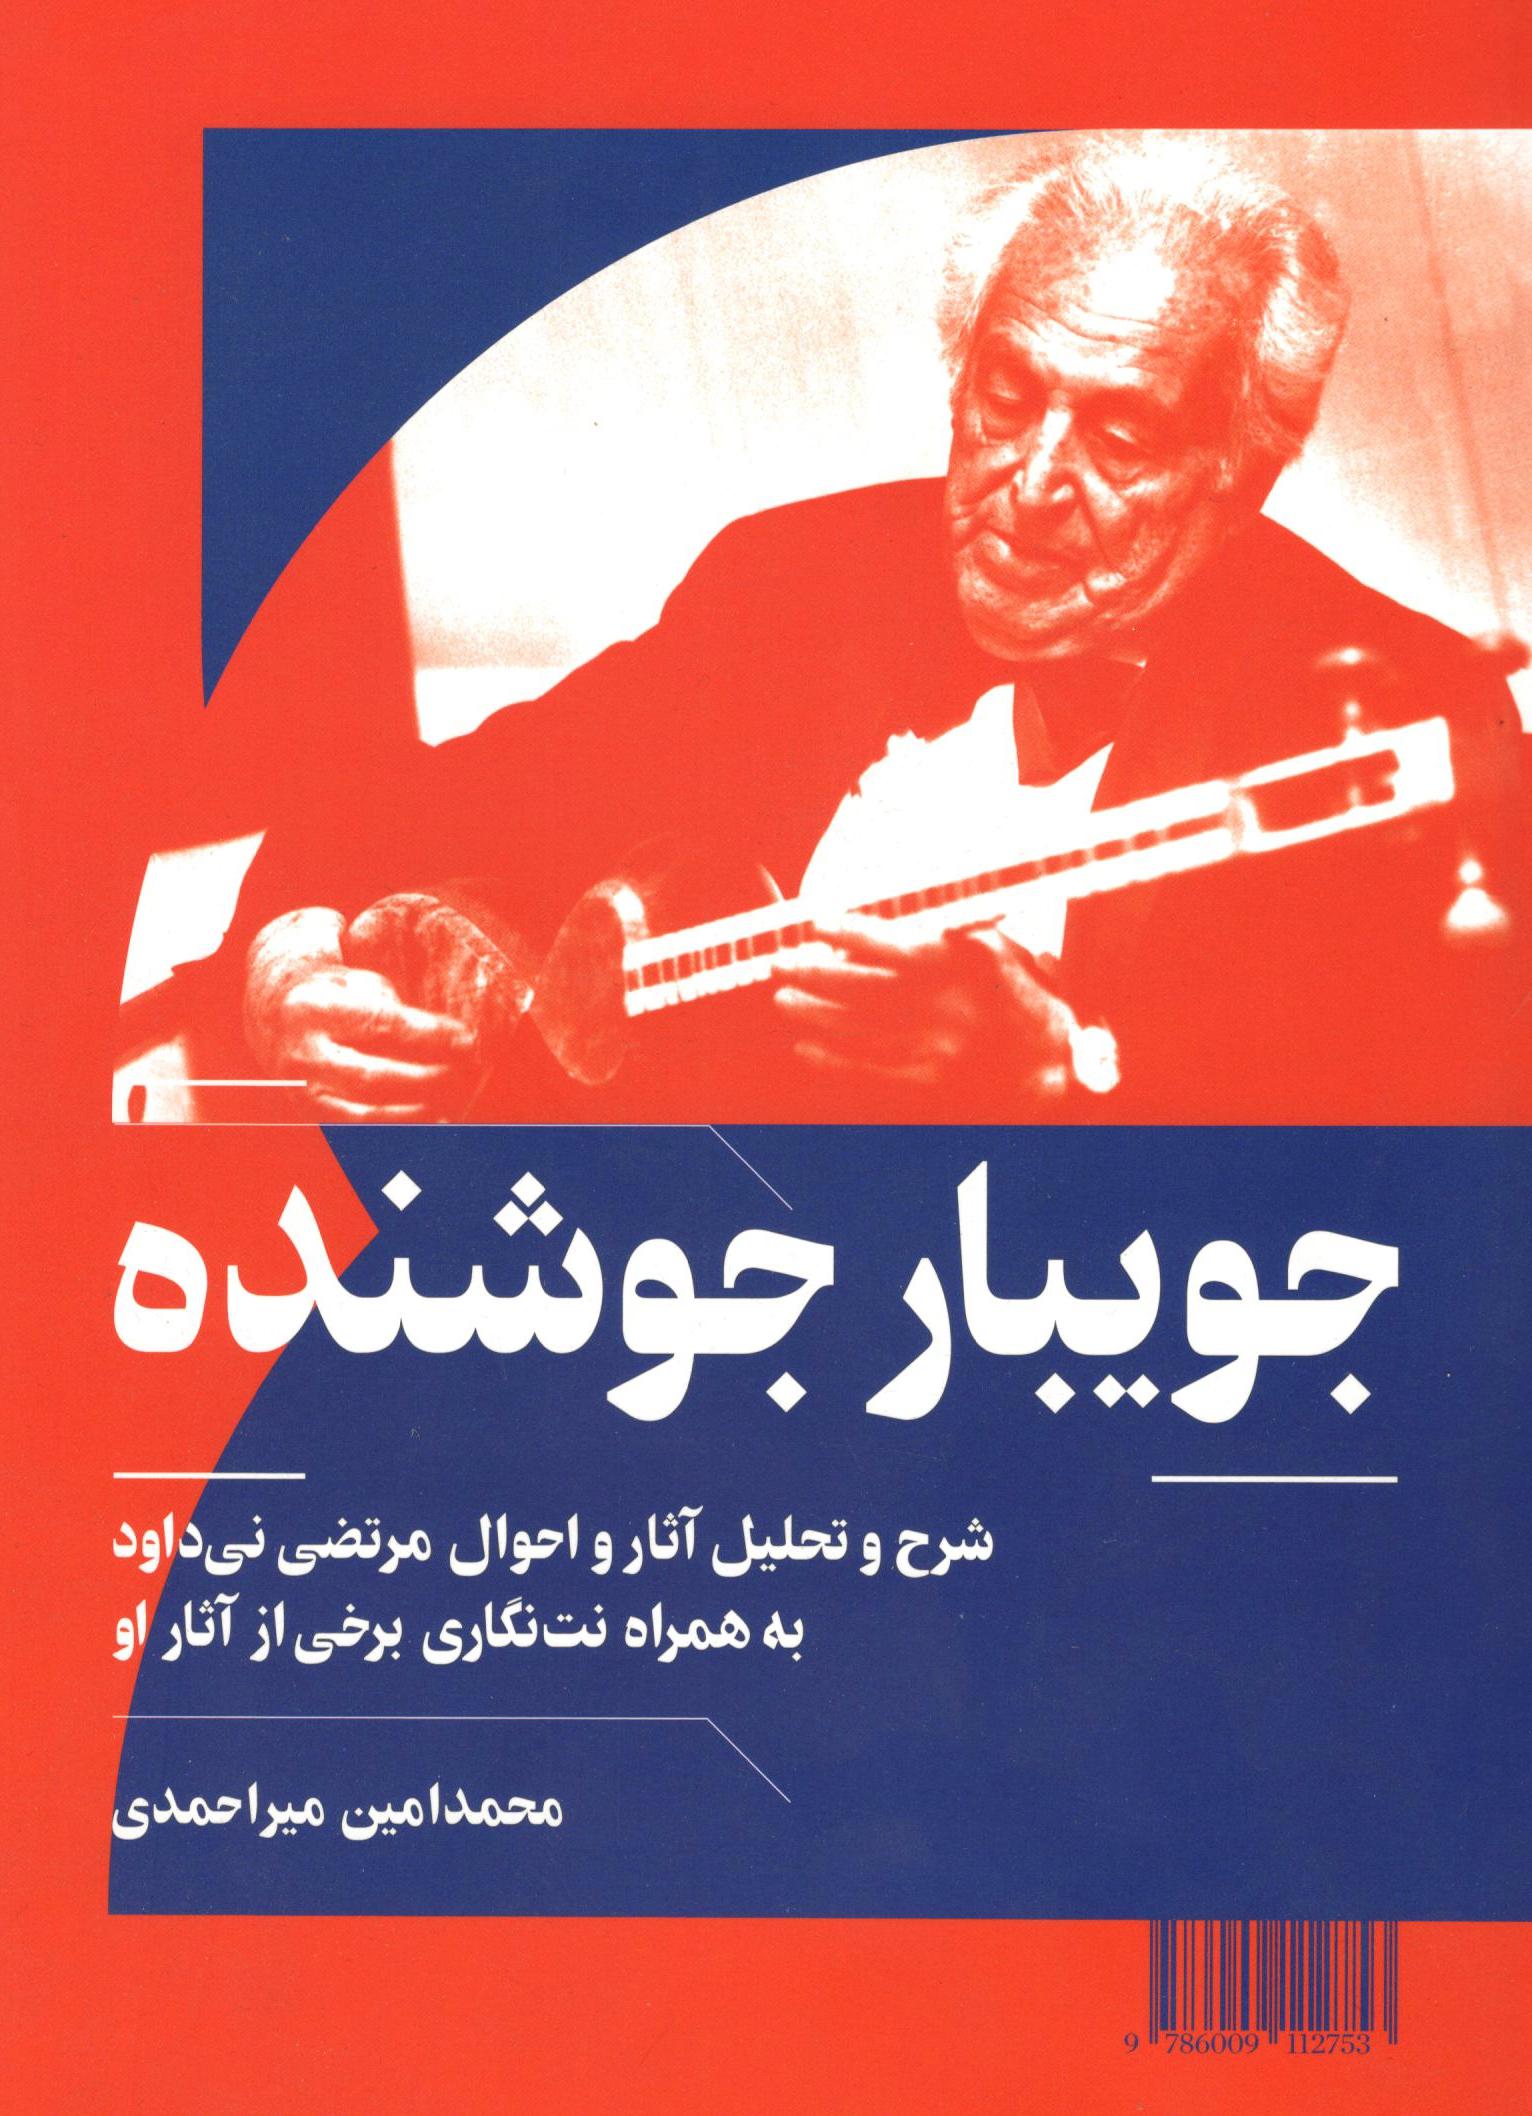 جویبار جوشنده شرح و تحلیل آثار و احوال مرتضی نیداود محمدامین میر احمدی